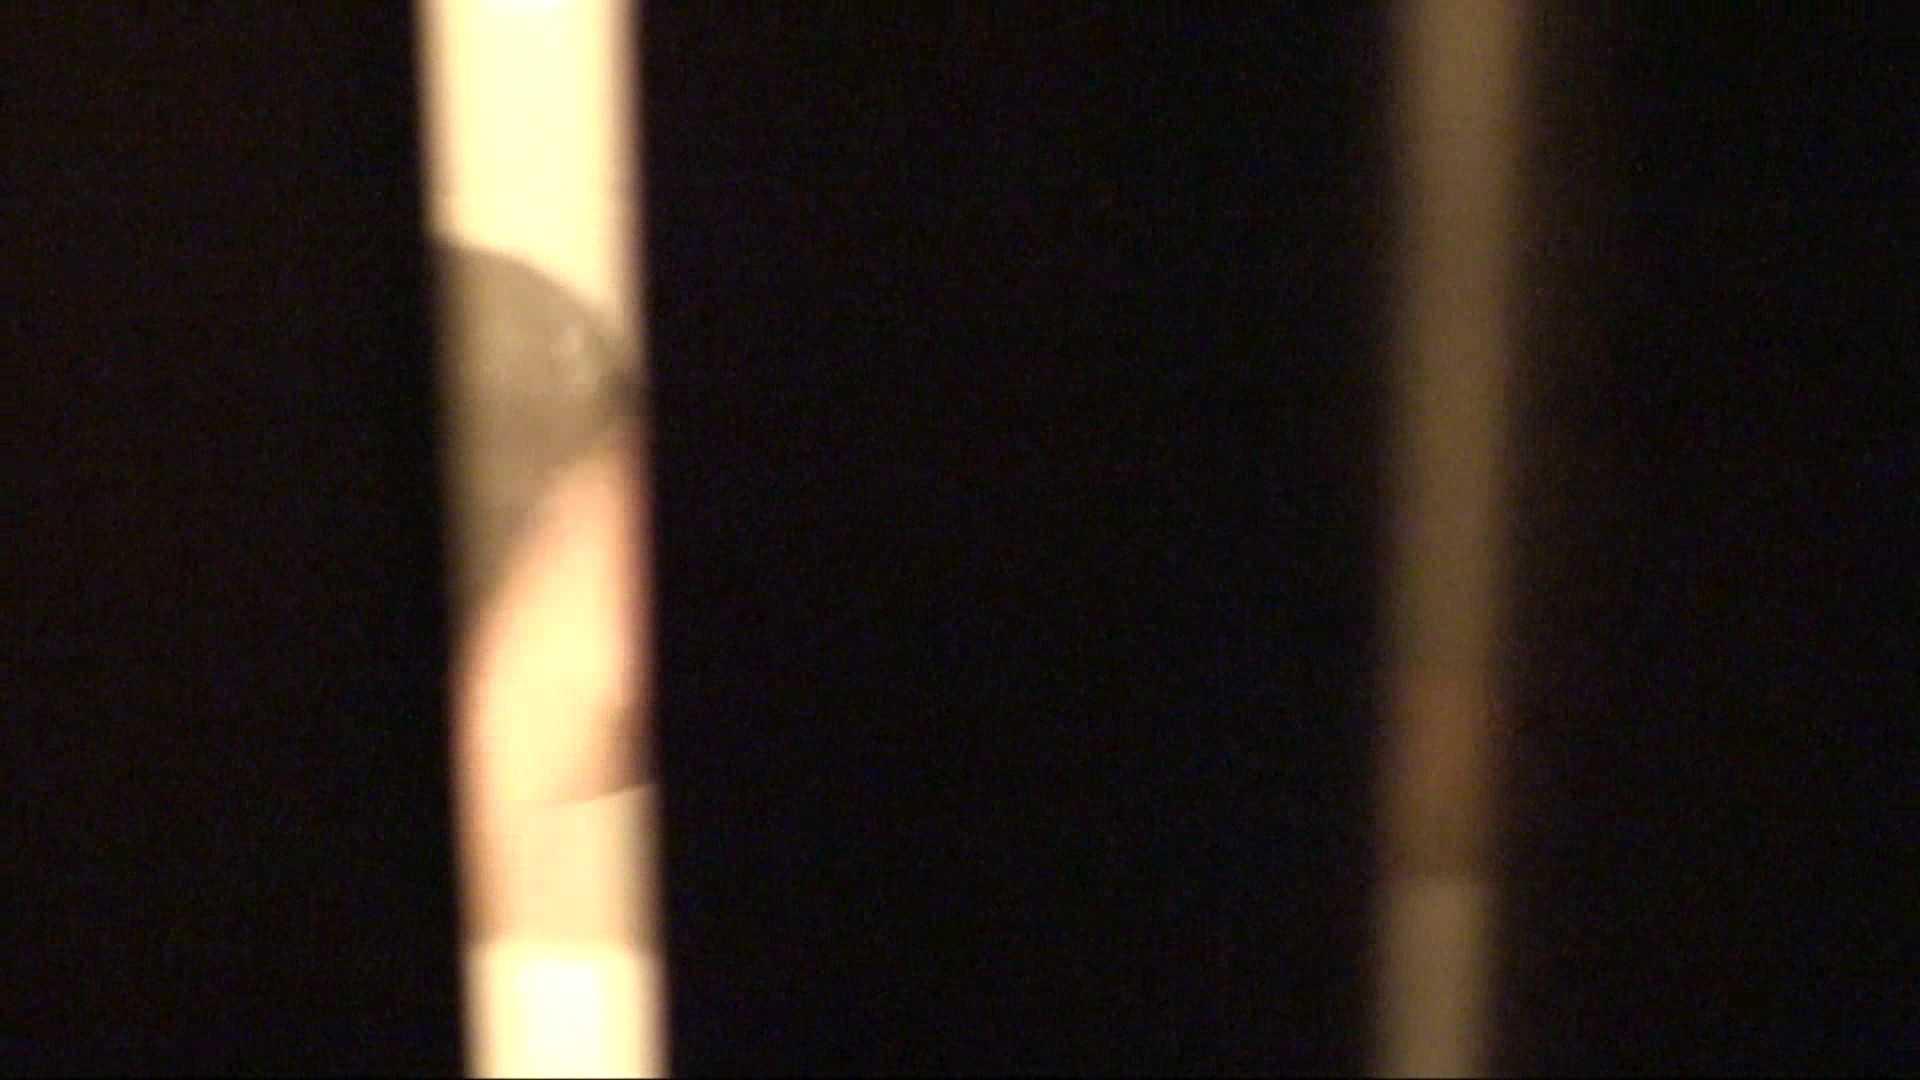 トイレ盗撮|vol.02超可愛すぎる彼女の裸体をハイビジョンで!至近距離での眺め最高!|怪盗ジョーカー